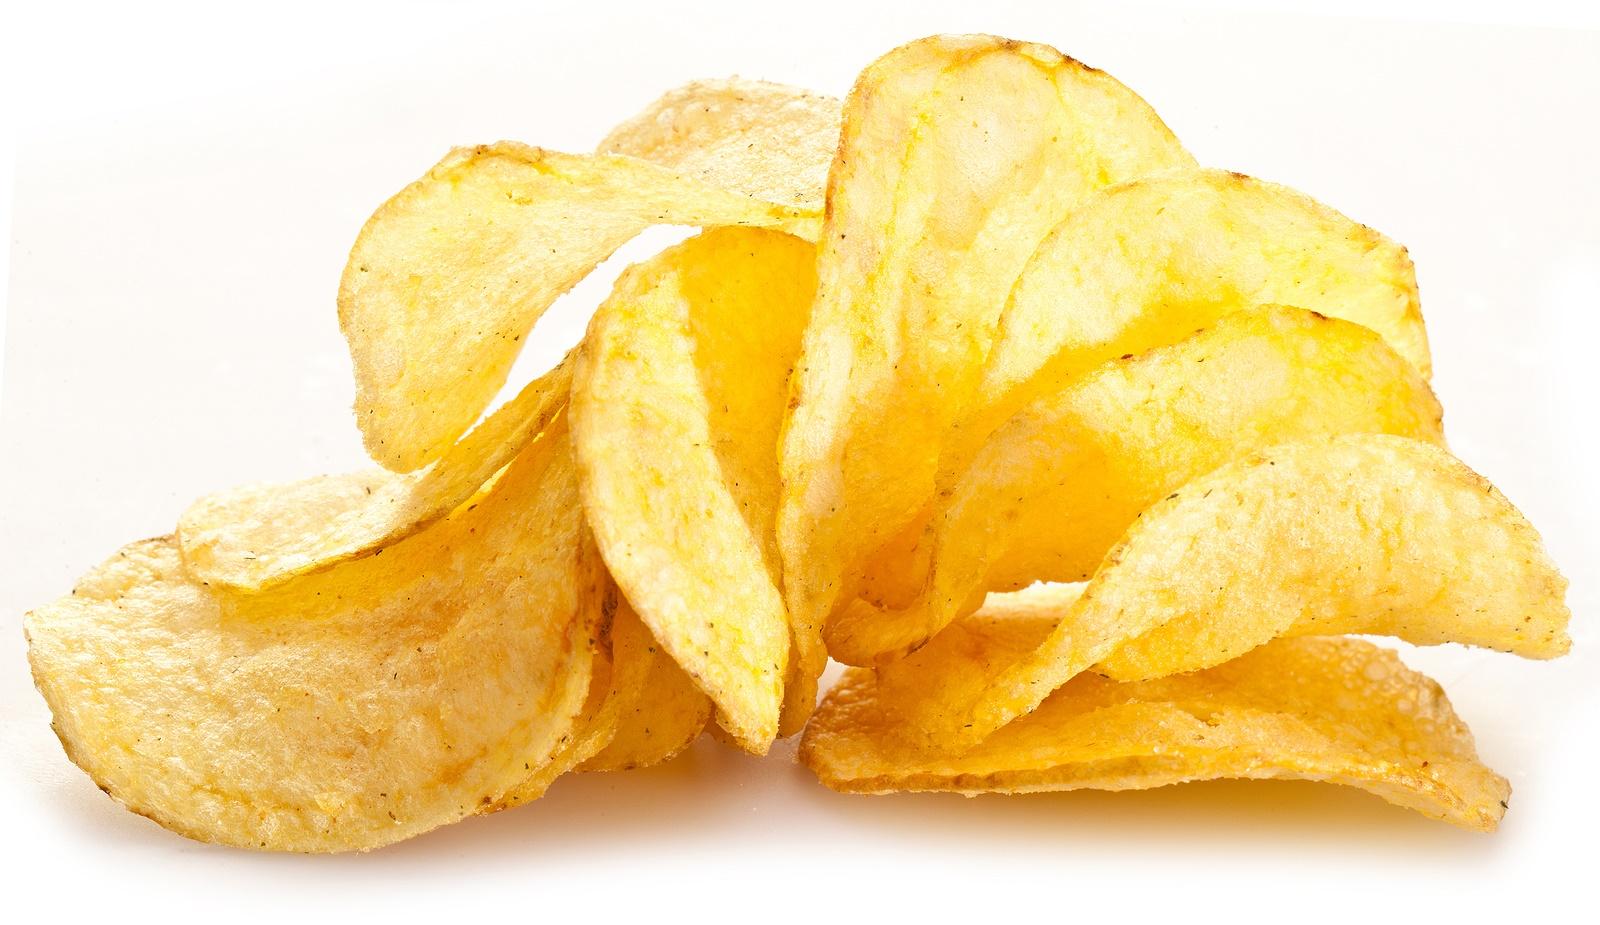 آشنایی با ۶ غذایی که چاقی شکمی را بدتر میکنند